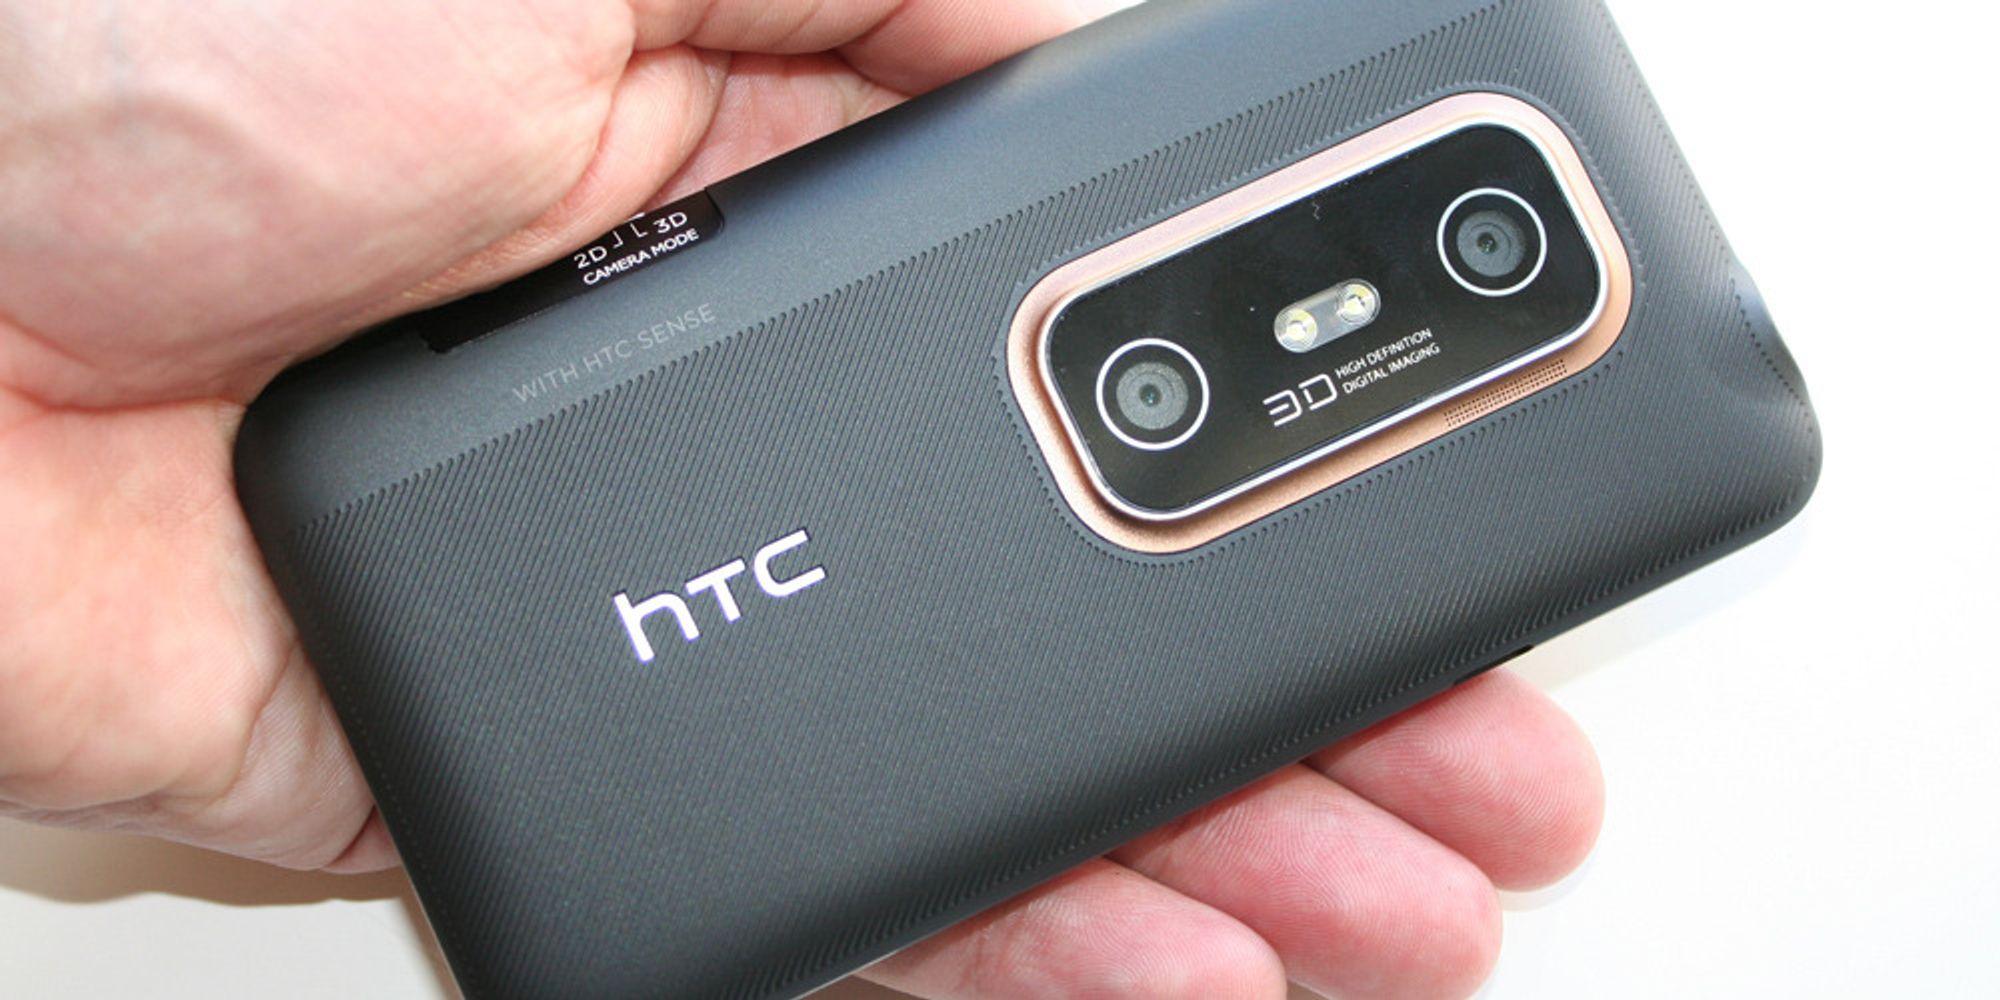 Unboxing av HTC EVO 3D